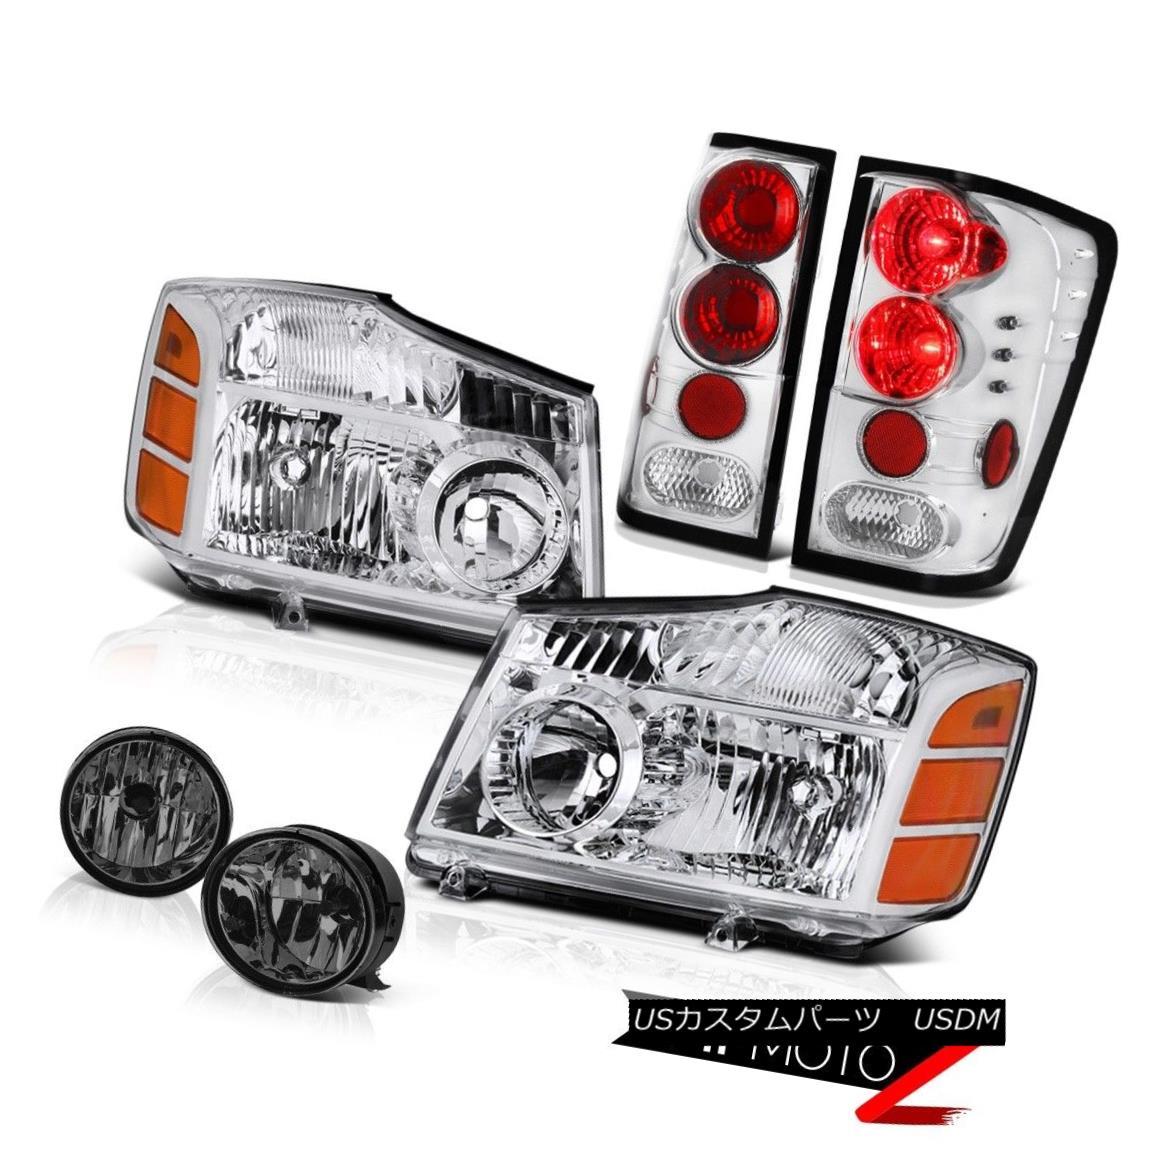 テールライト NEW SET For 04-15 Titan Left Right Headlights Rear Light Dark Smoke Bumper Fog NEW SET 04-15タイタン左ライトヘッドライトリアライトダークスモークバンパーフォグ